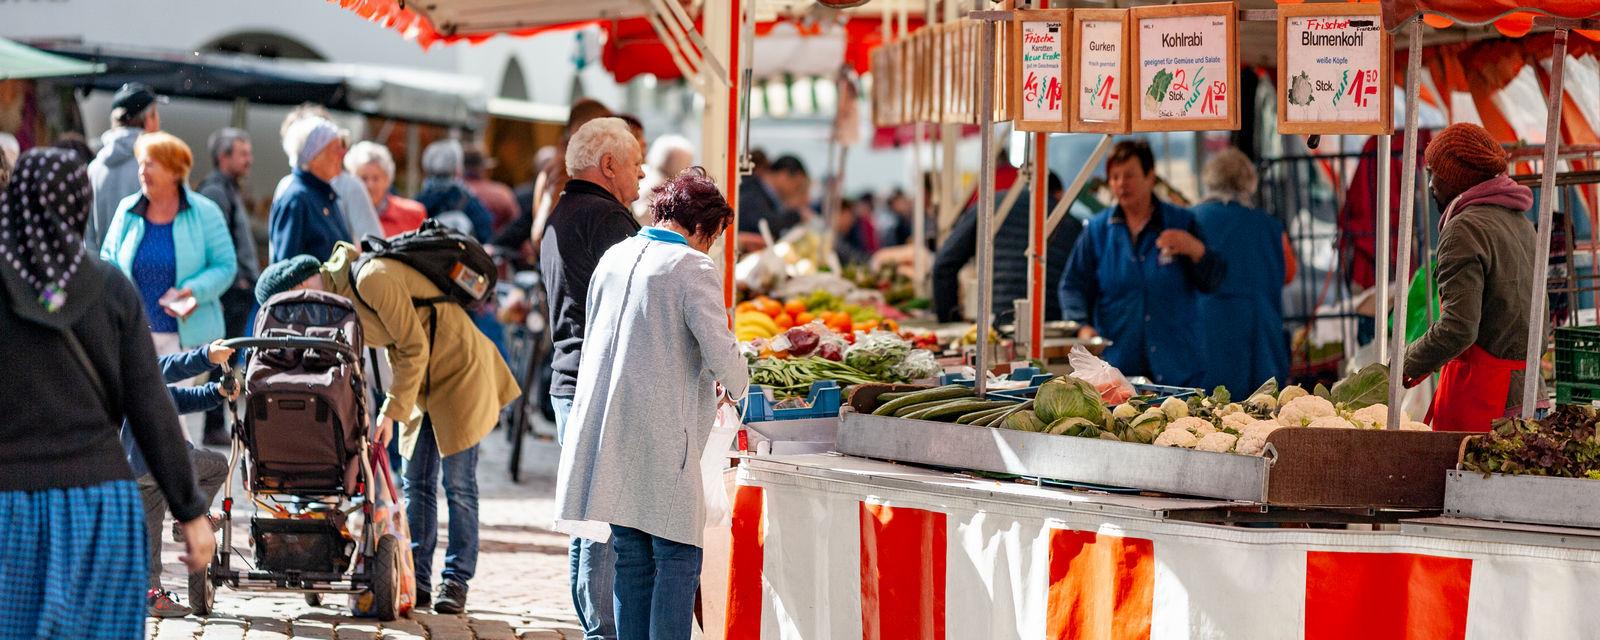 Wochenmarkt in Leutkirch